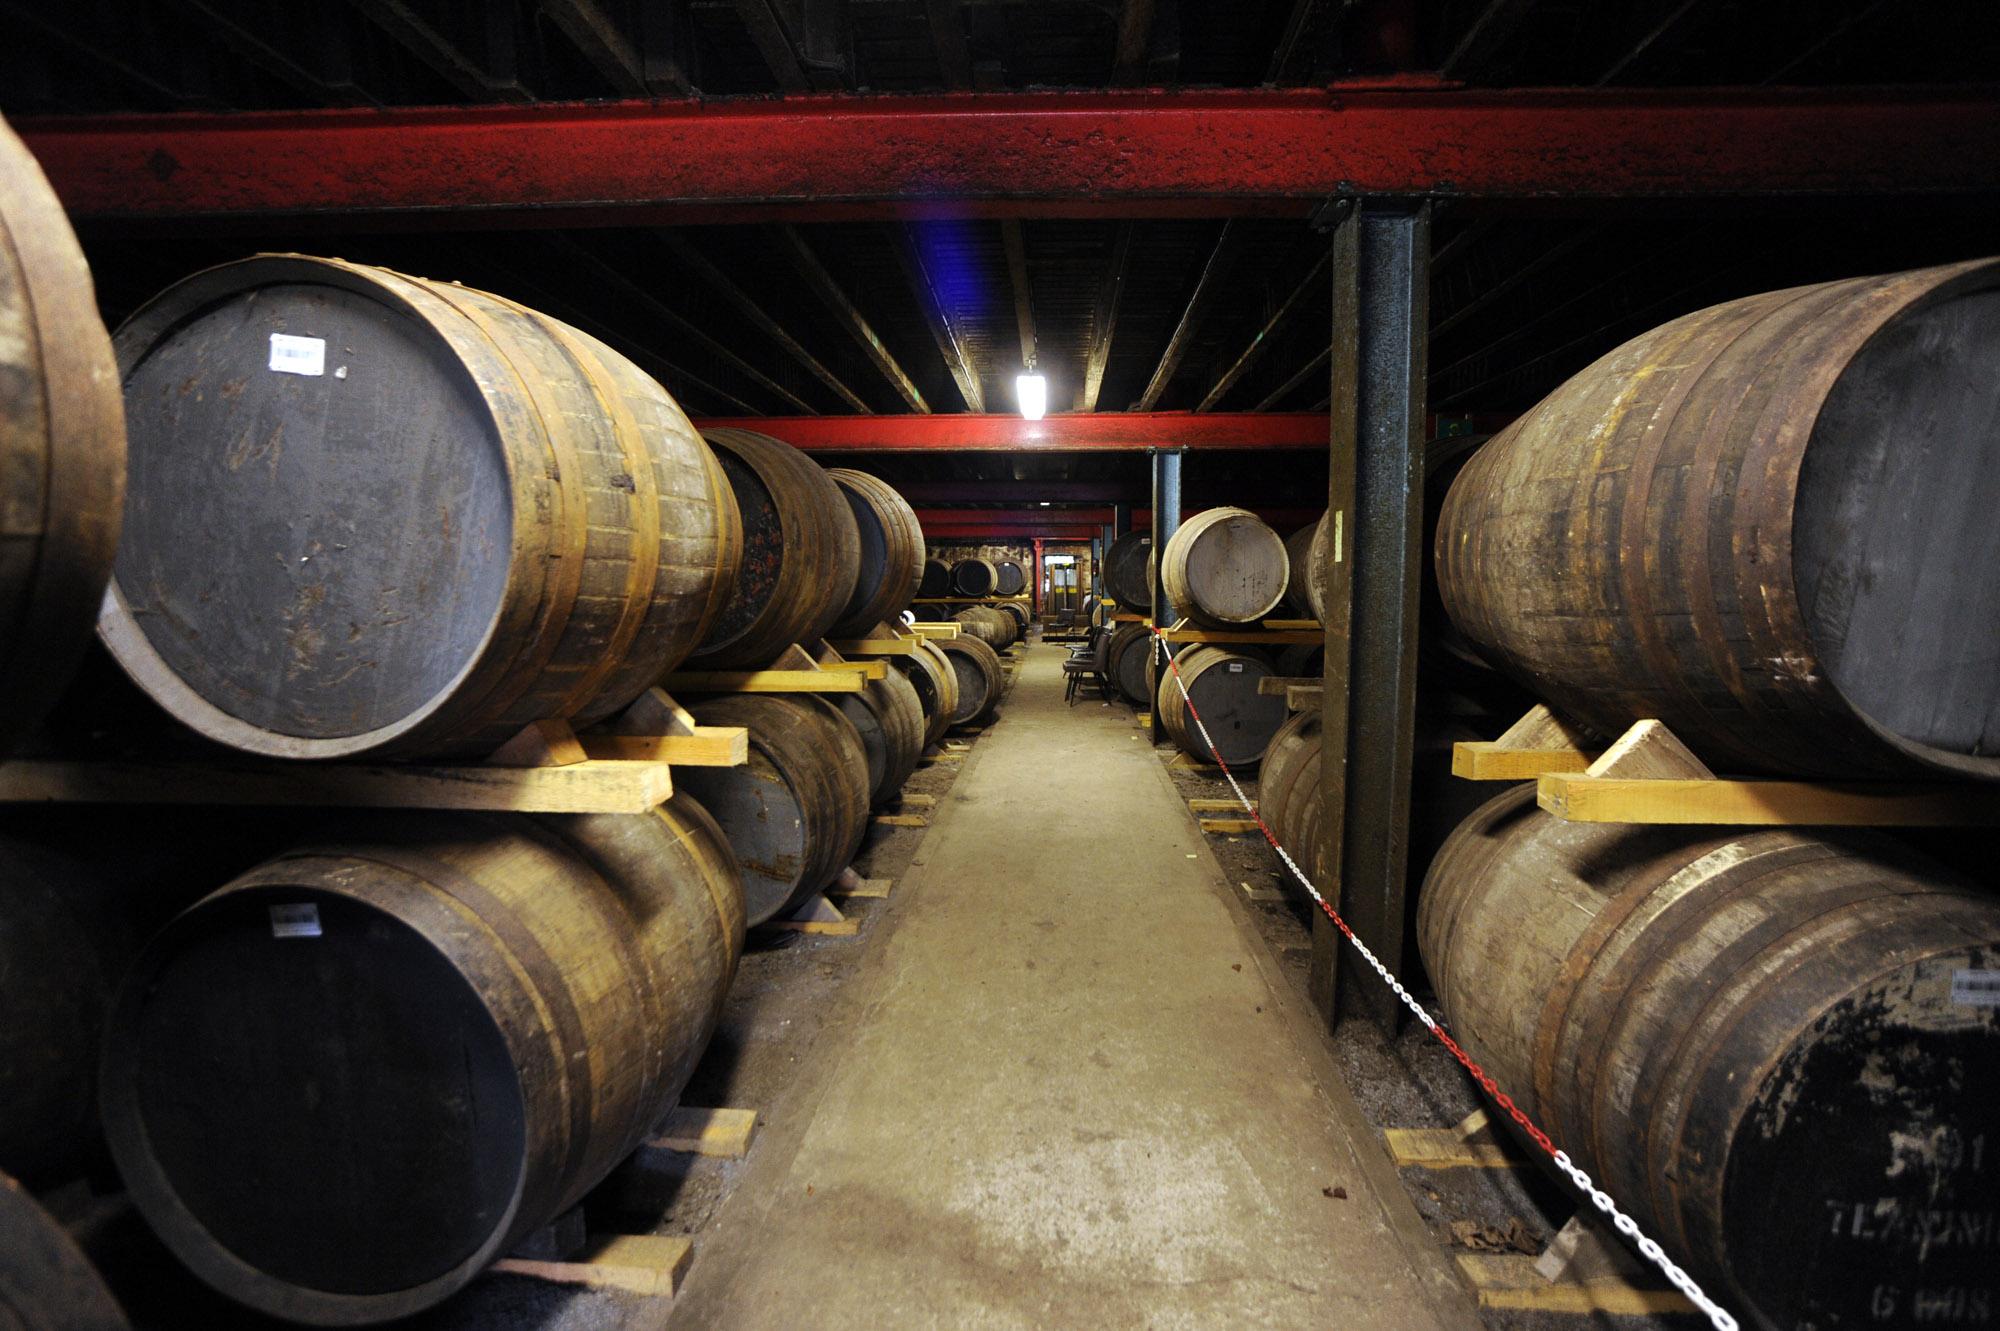 Casks at Lagavulin distillery